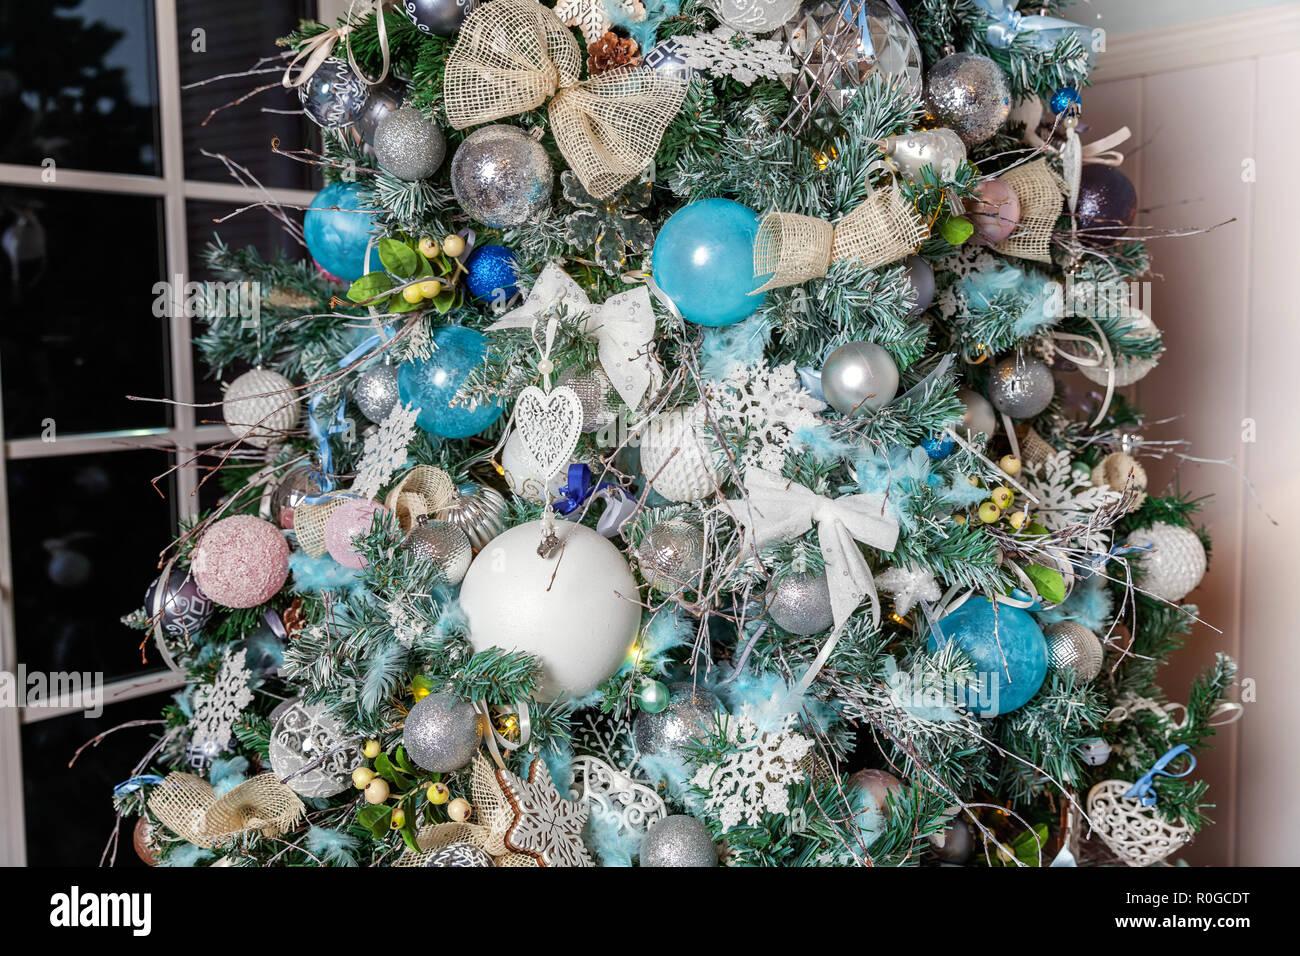 nol dcoration intrieure classique avec nouvel an des arbres arbre de nol avec des dcorations en argent et bote cadeau style classique blanc moderne